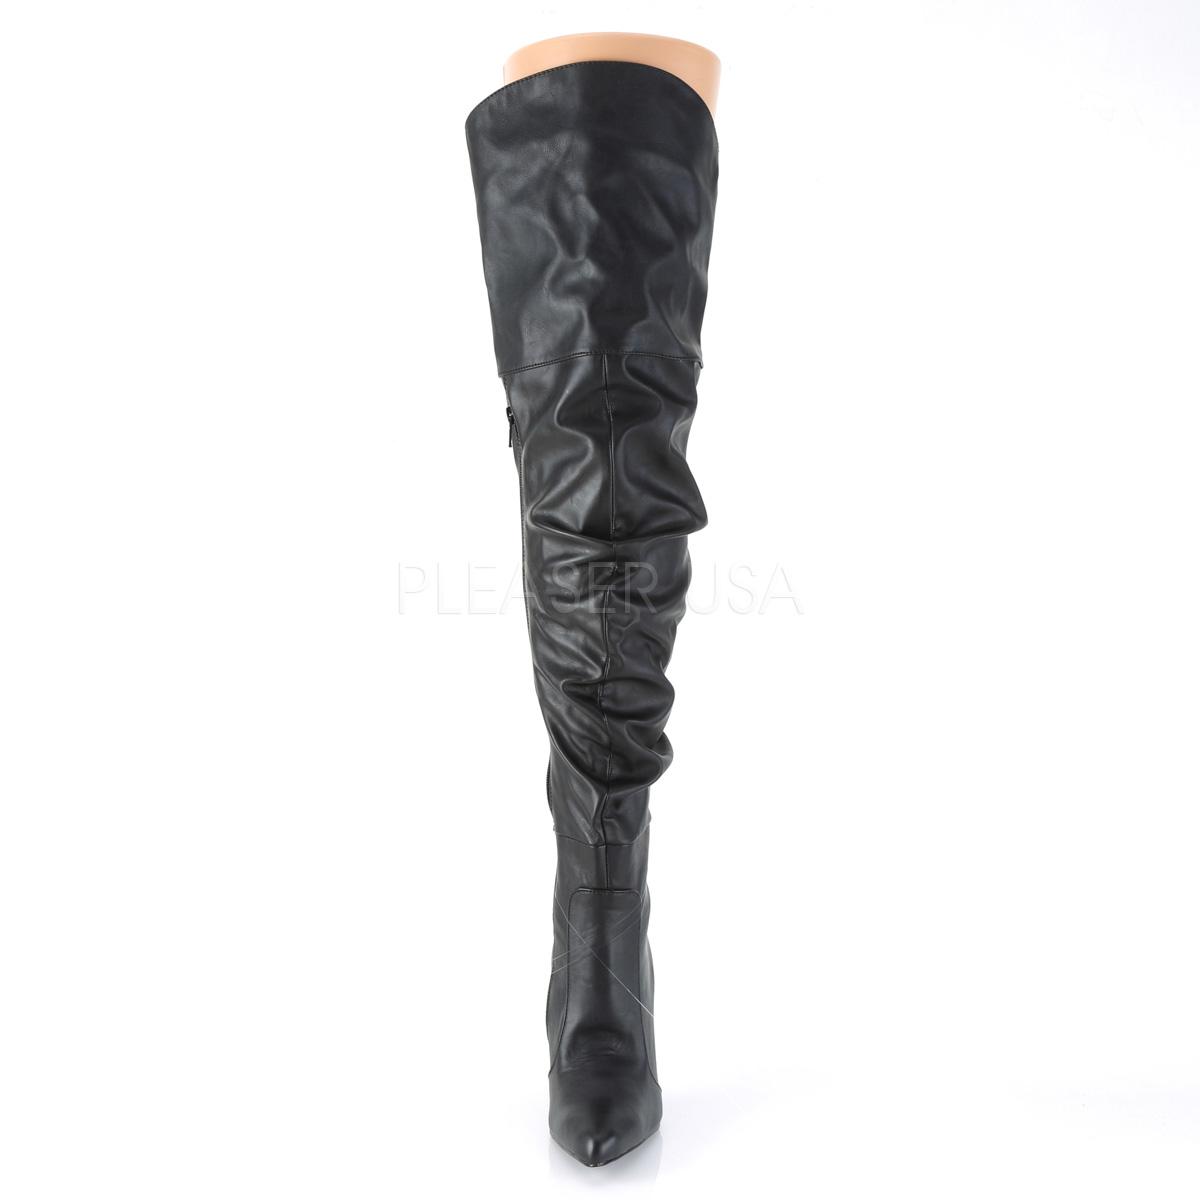 Pleaser CLASSIQUE-3011サイハイブーツ くしゅくしゅブーツ ひざ上 プリーザー つや消し黒◆取り寄せ